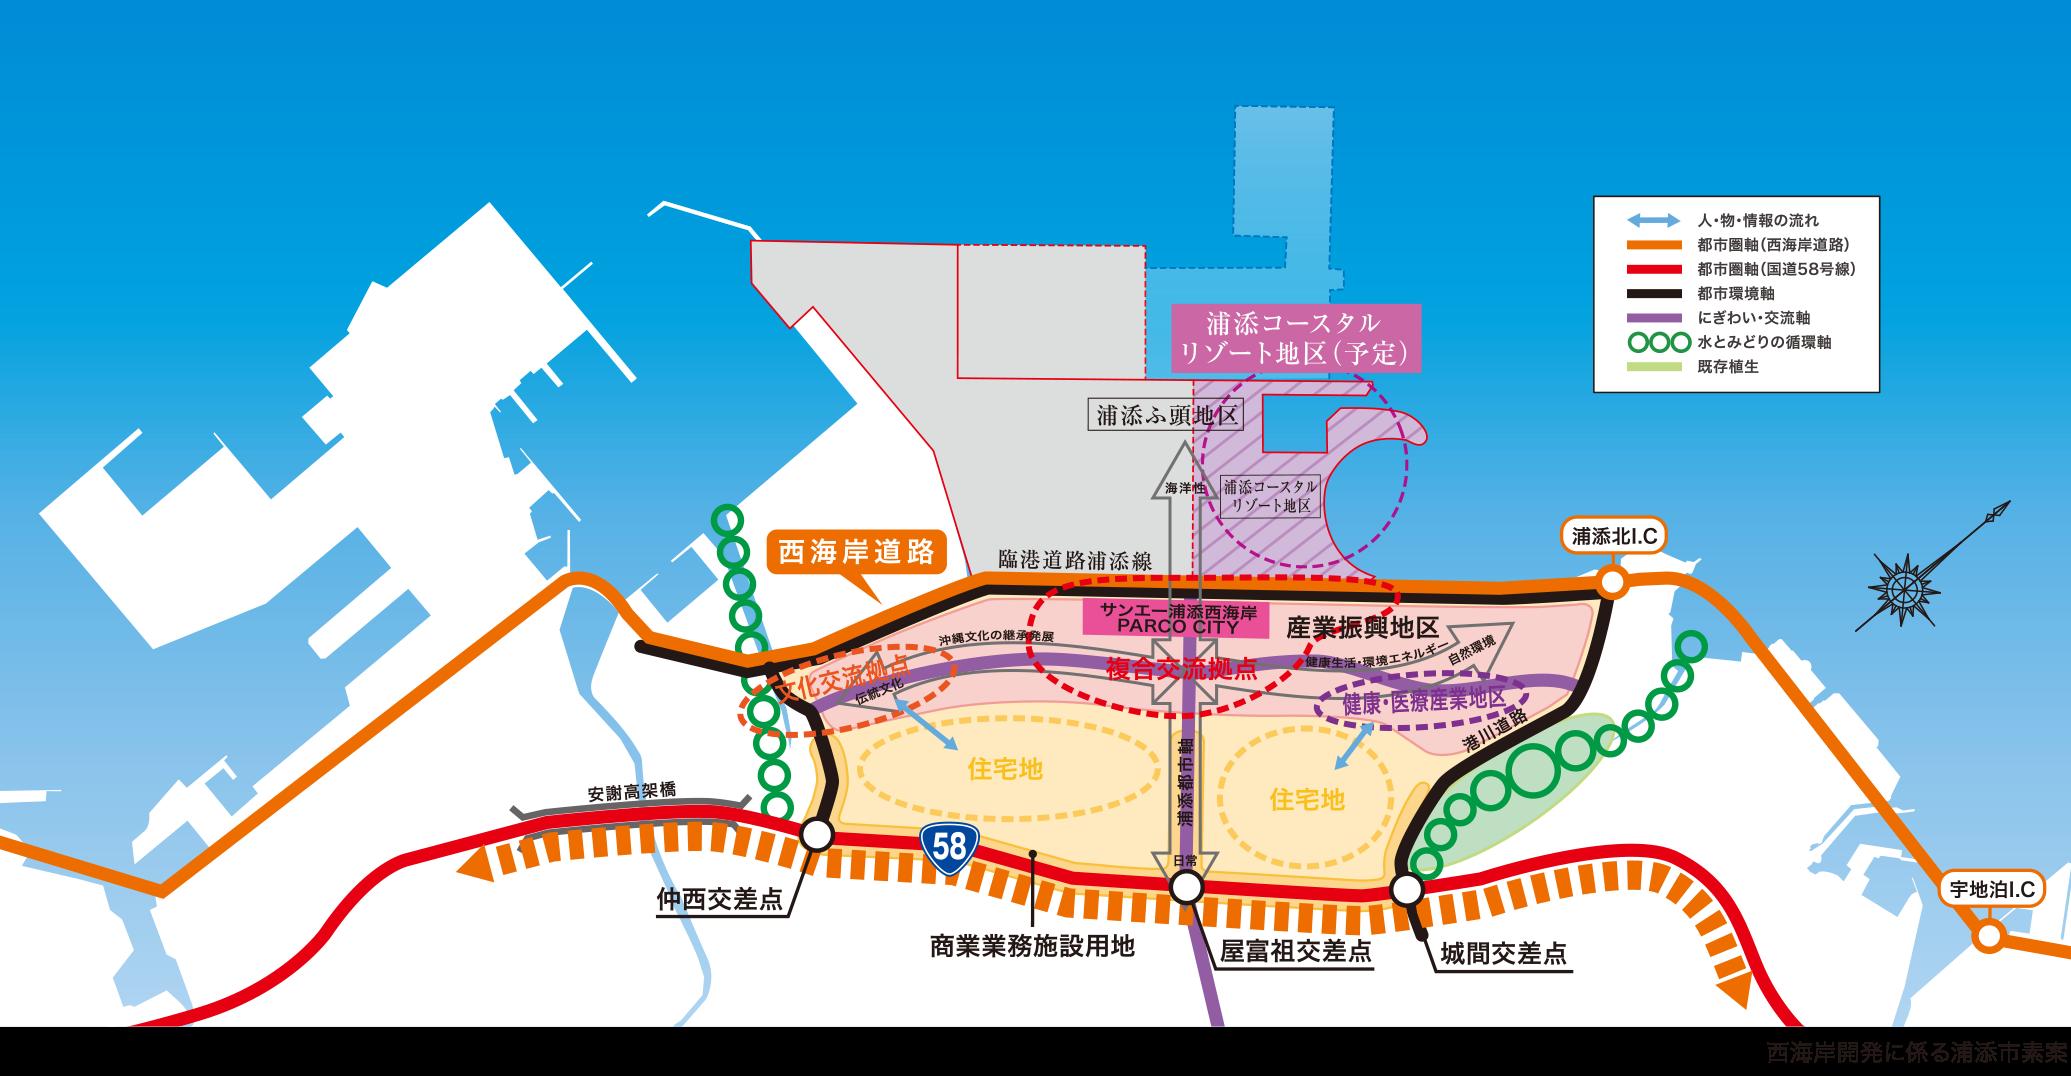 浦添市西海岸開発計画